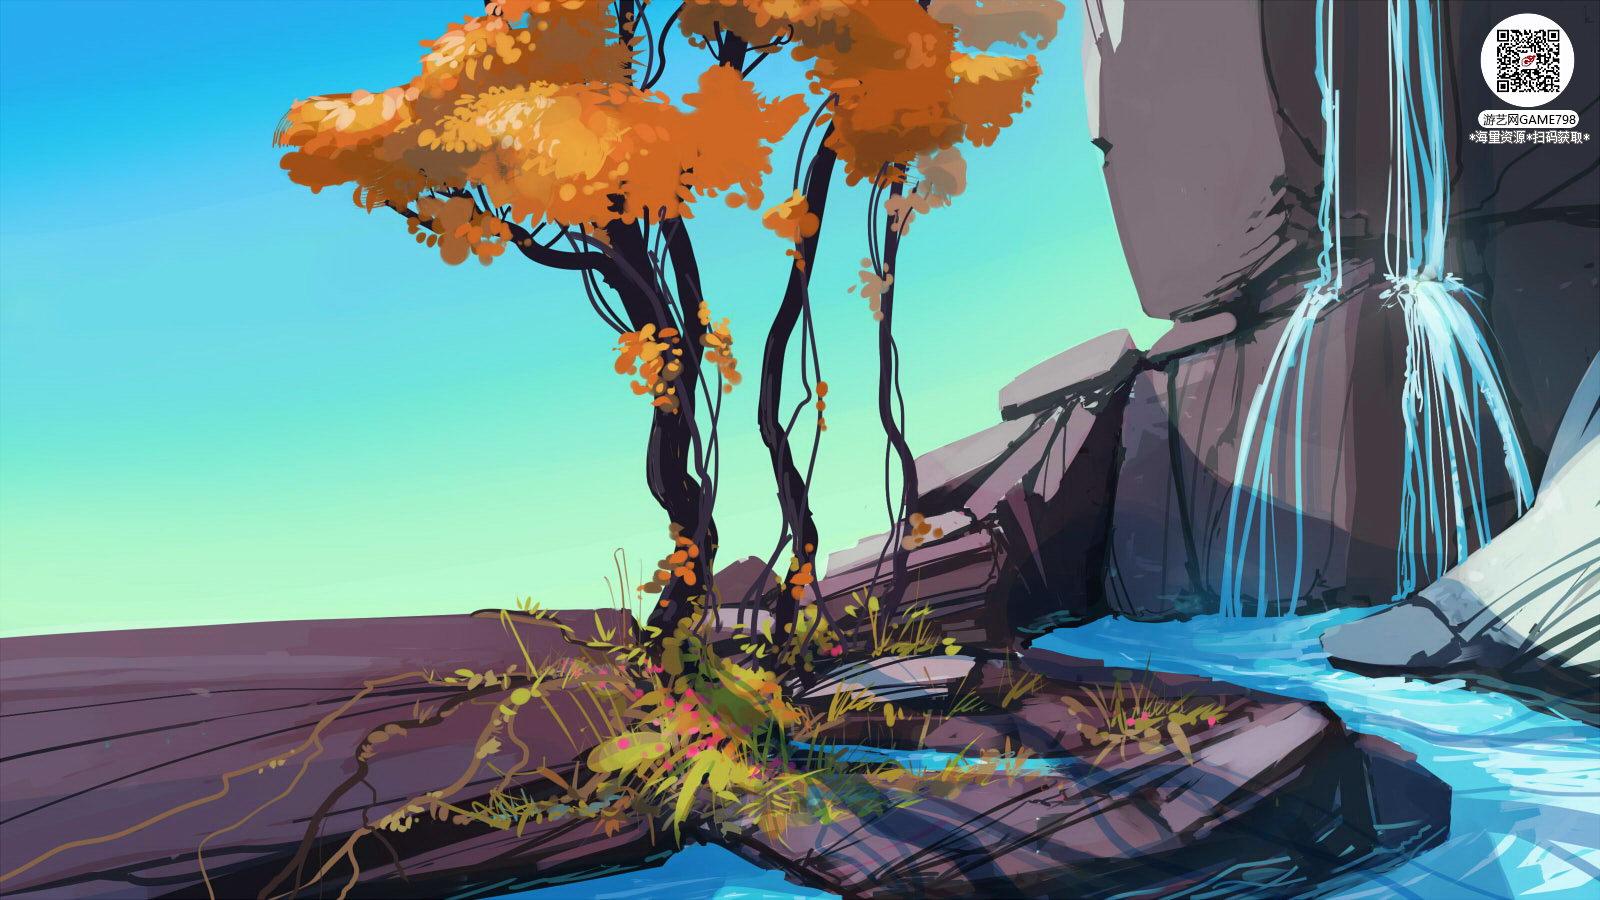 032_关注游艺网公众号获海量资源_风格独特的原画概念设定Q版卡通风格异世界科幻风格设计.jpg